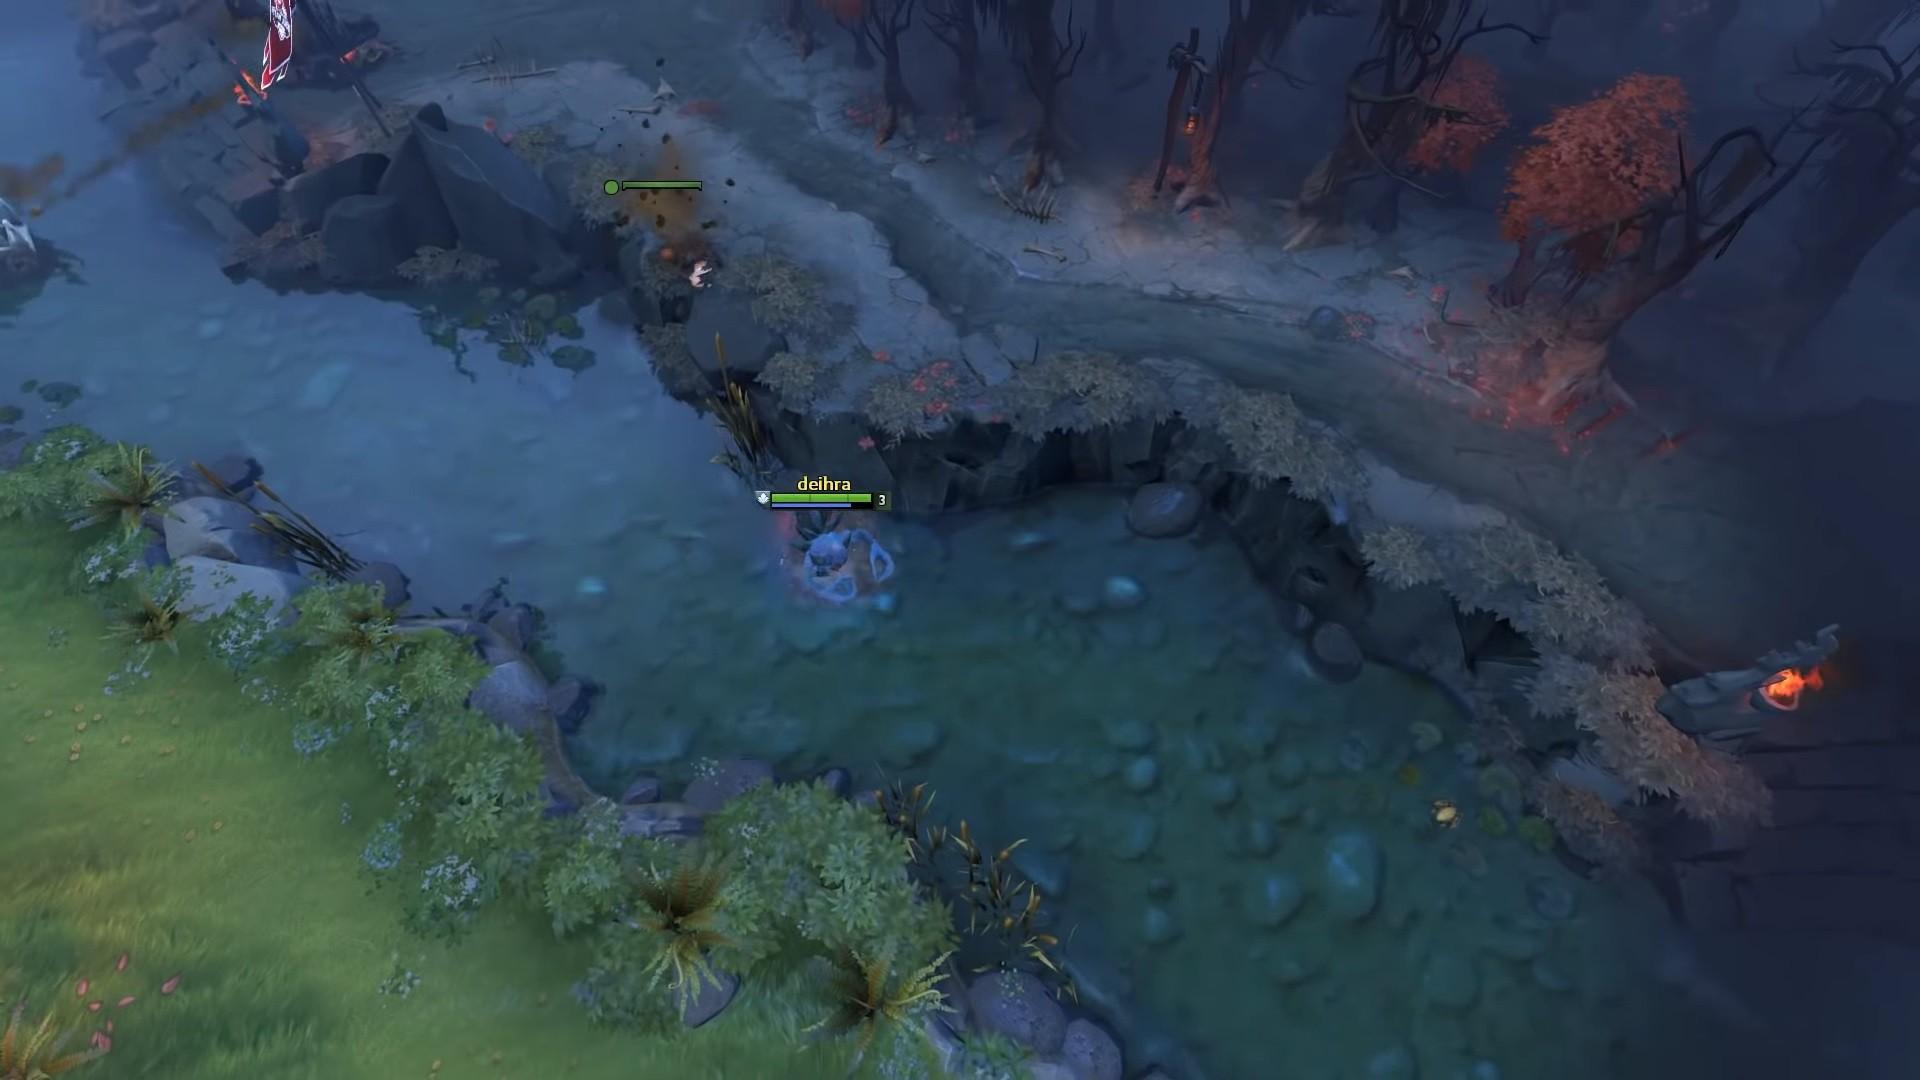 Game thủ chuyên nghiệp thản nhiên sử dụng hack map tại giải đấu có tổng tiền thưởng lên tới 350 triệu VNĐ - Ảnh 5.